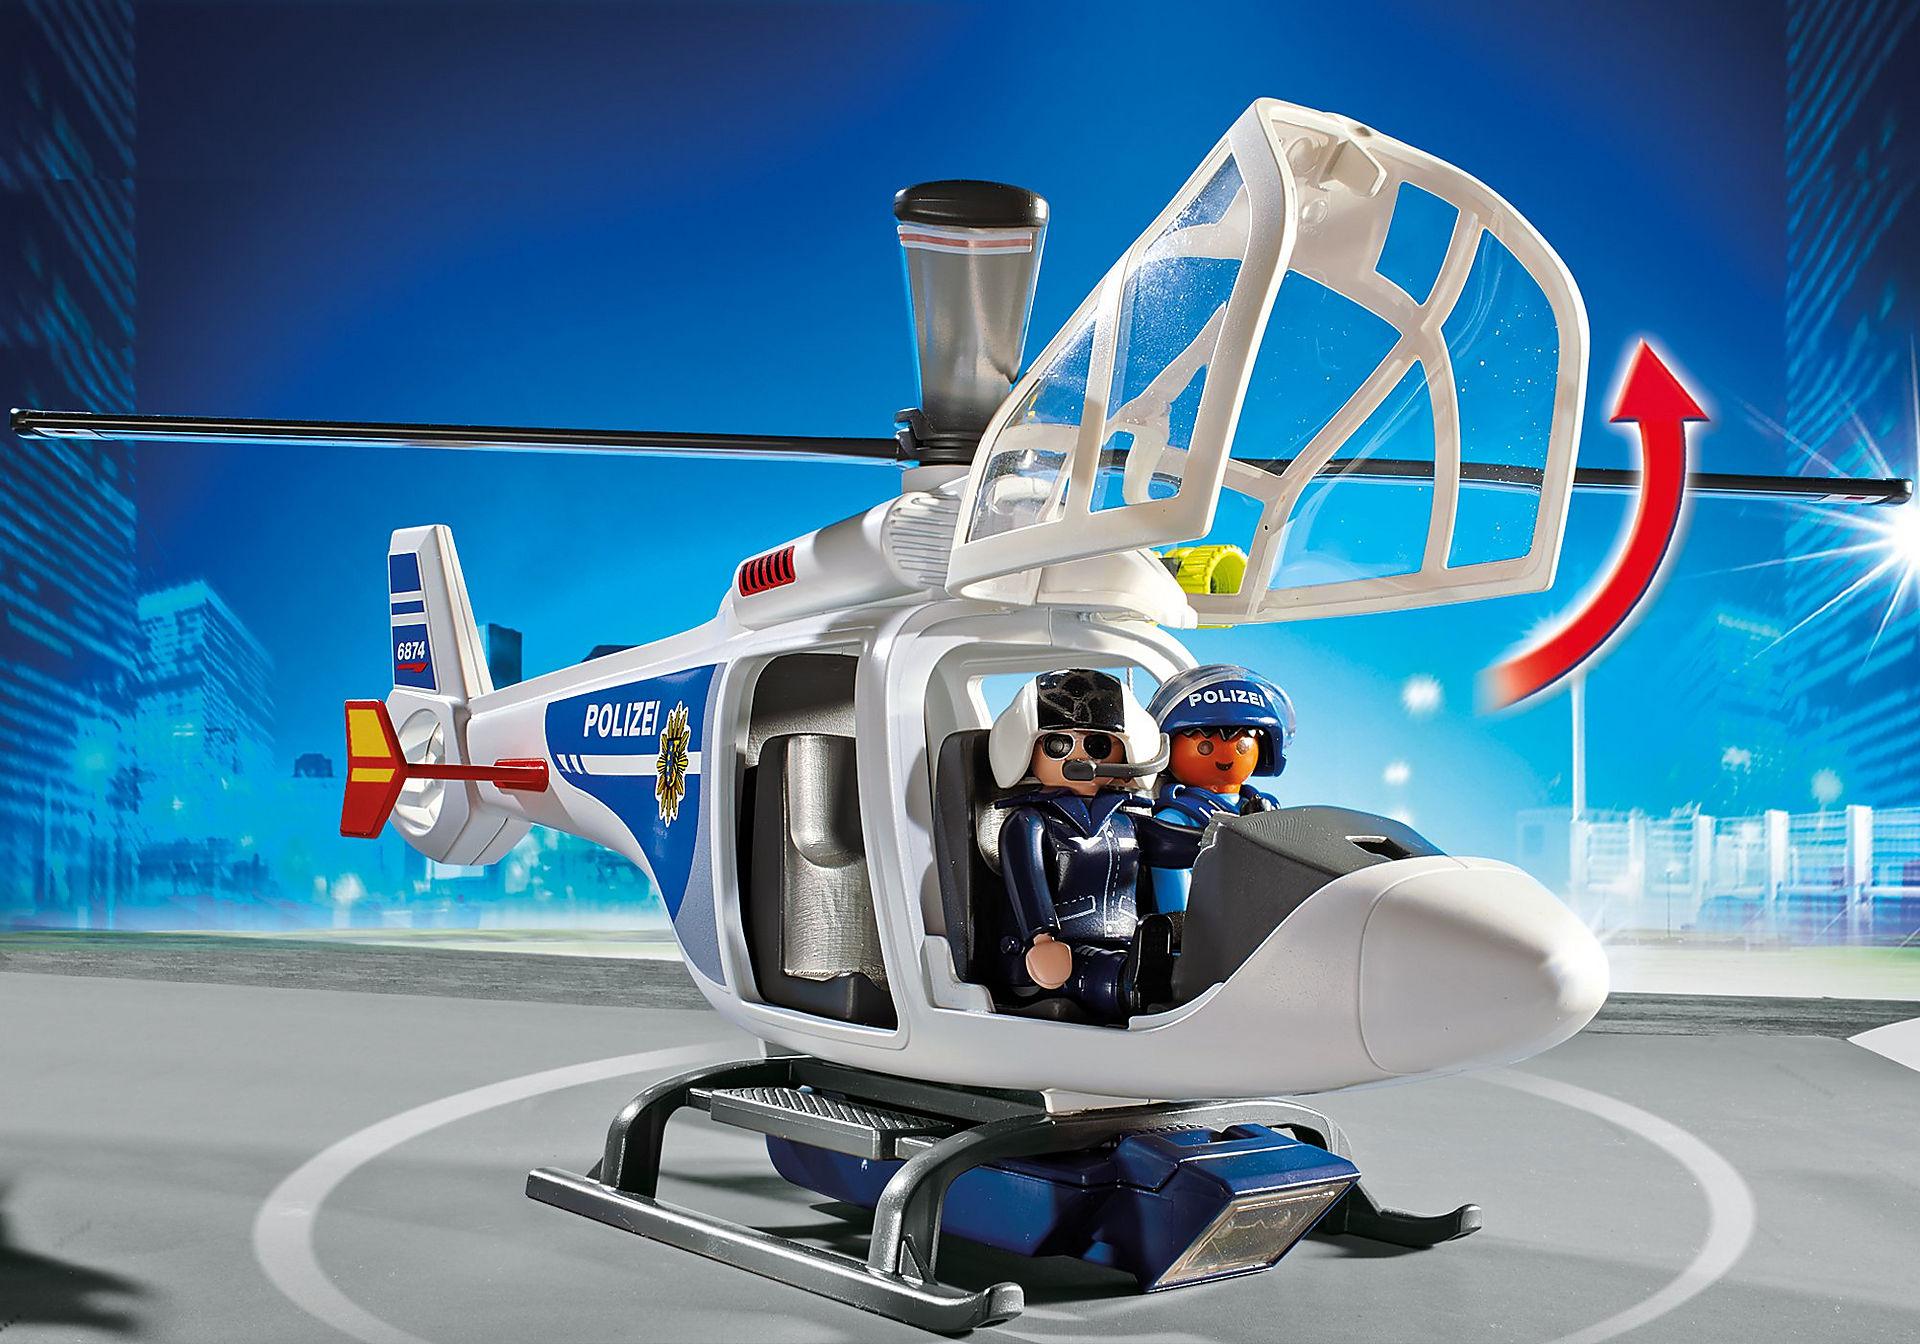 6874 Polizei-Helikopter mit LED-Suchscheinwerfer zoom image5